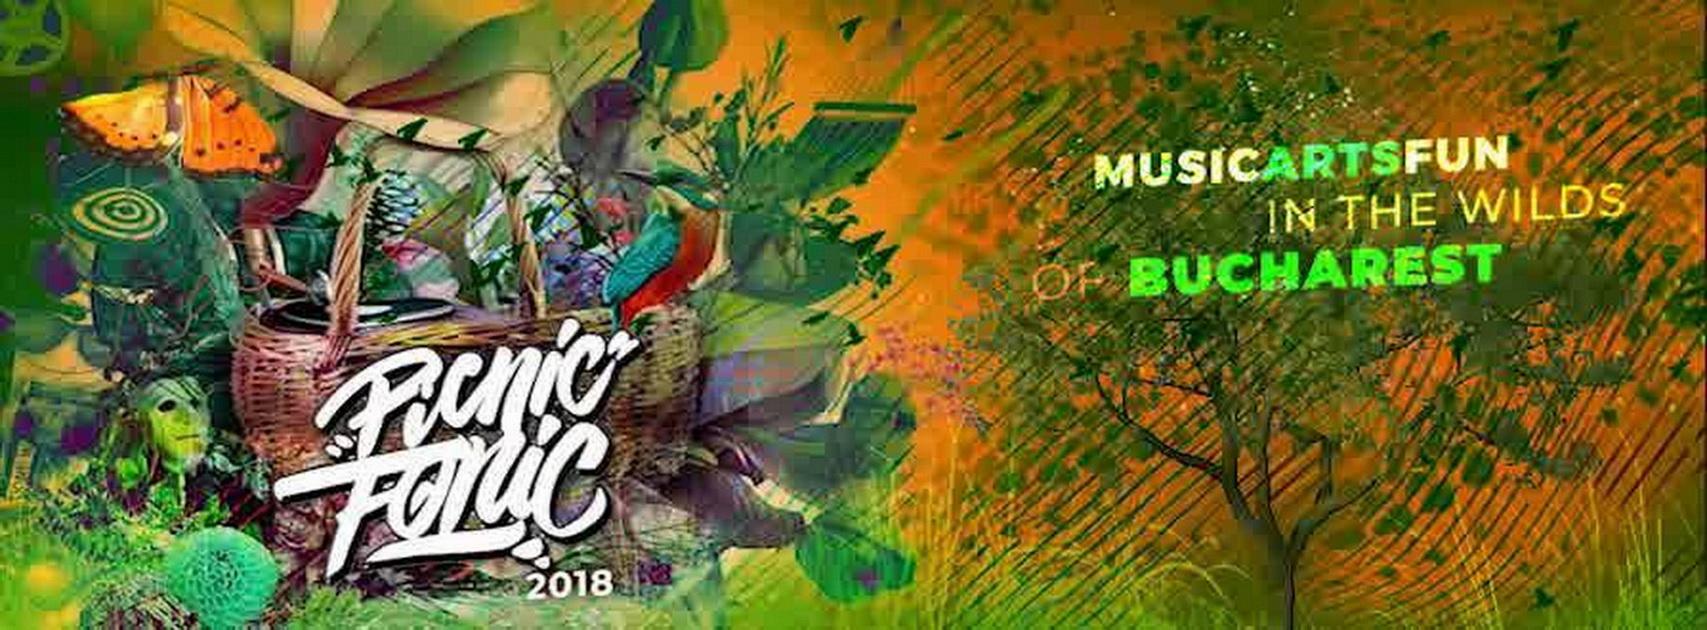 Picnic Fonic Festival 2018